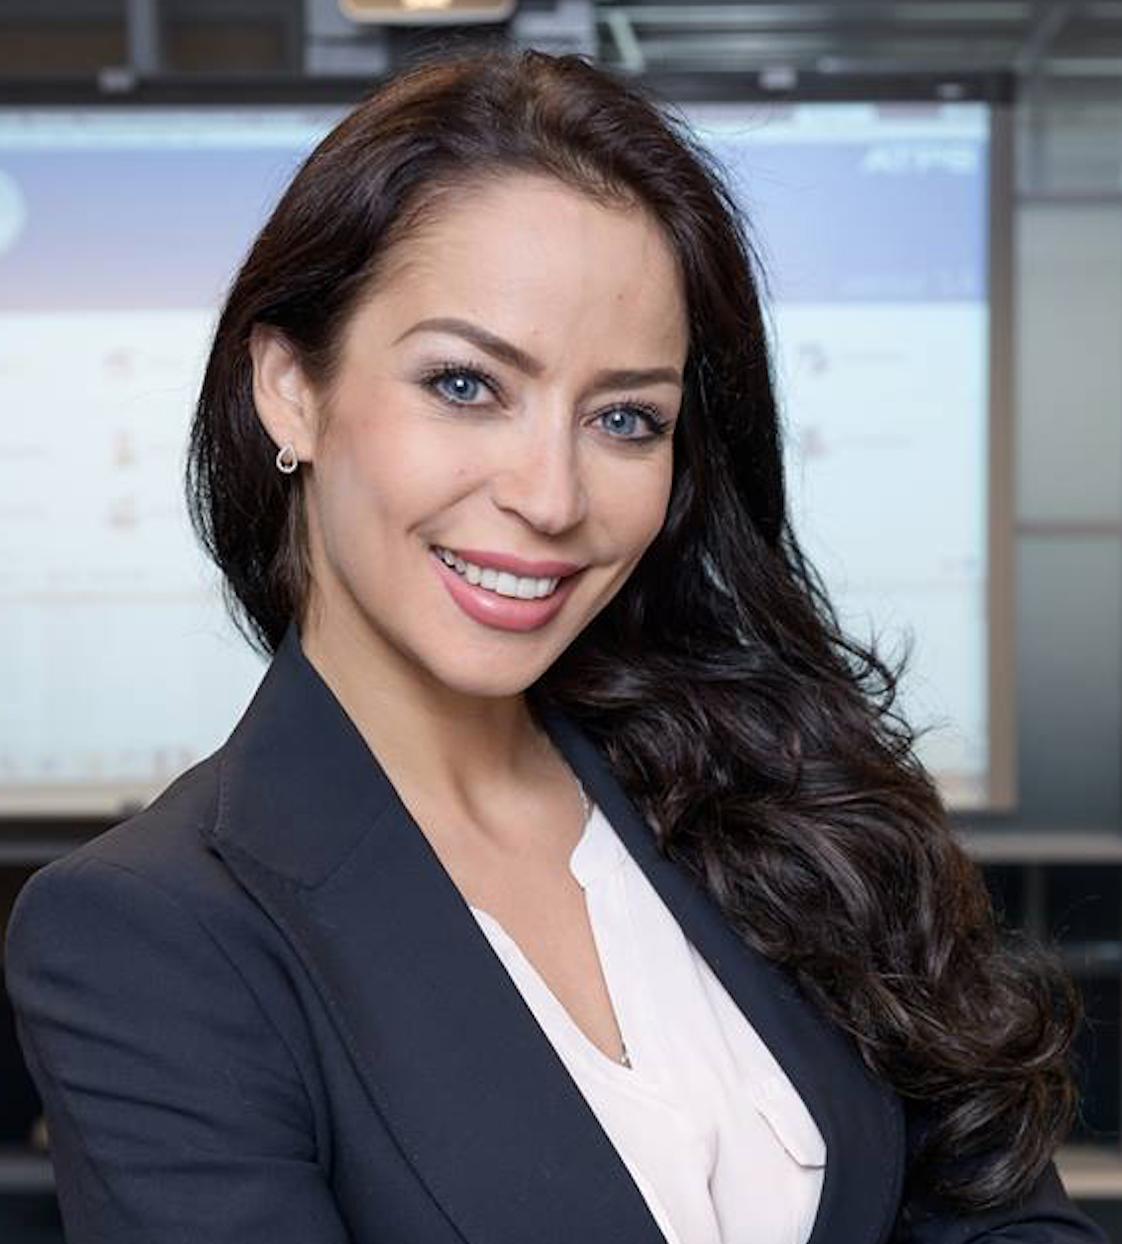 Valeriya Amsterdam Promotion Staff